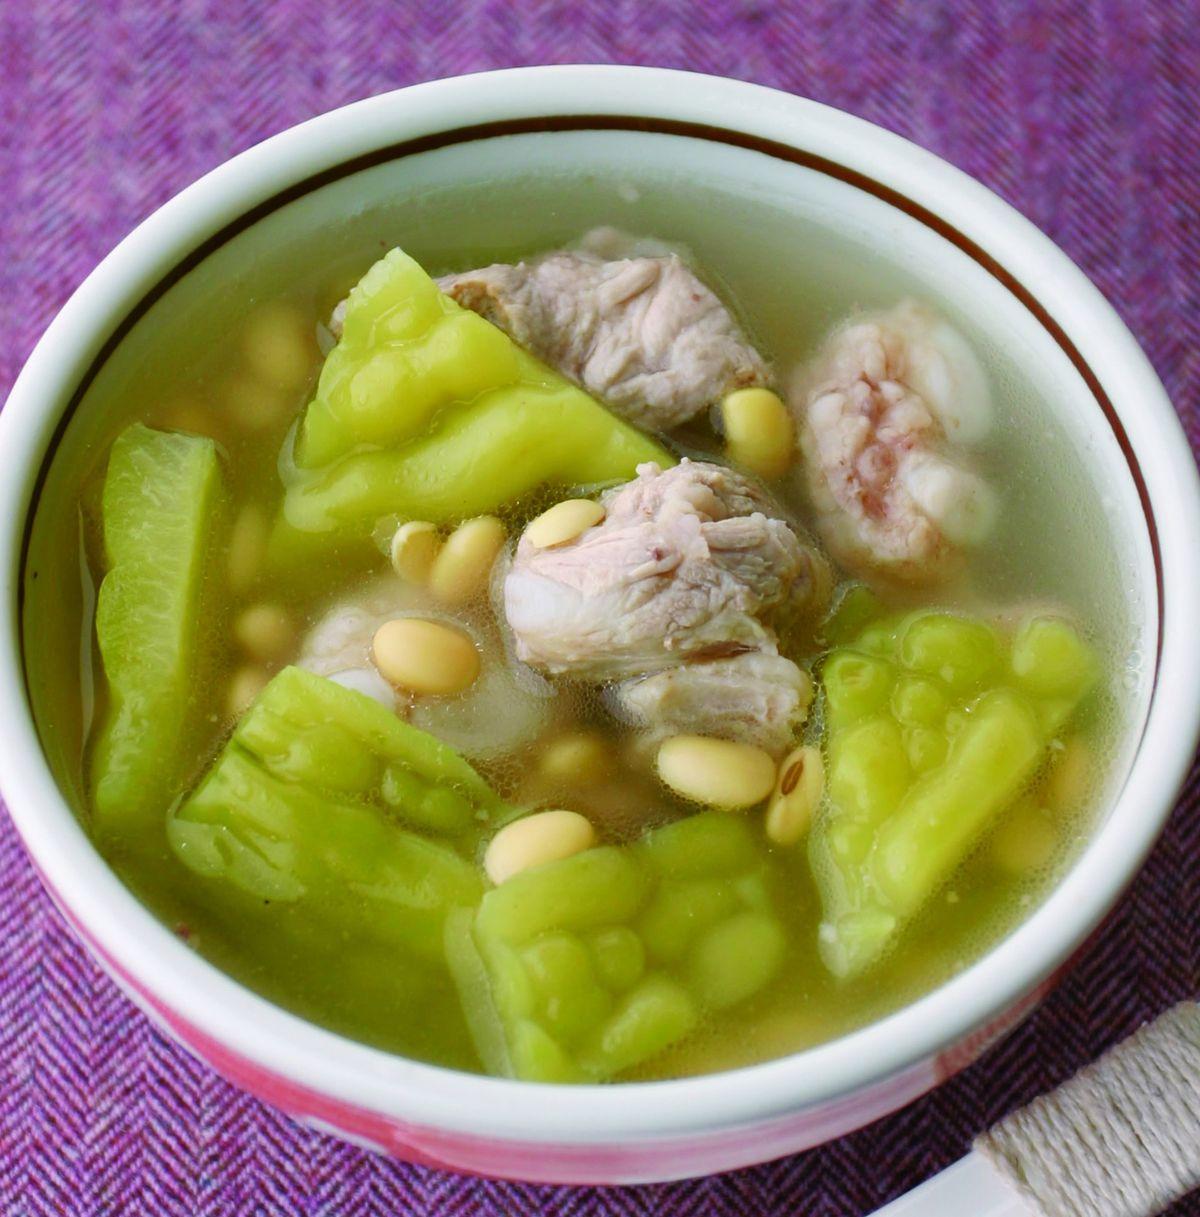 食譜:苦瓜黃豆排骨湯